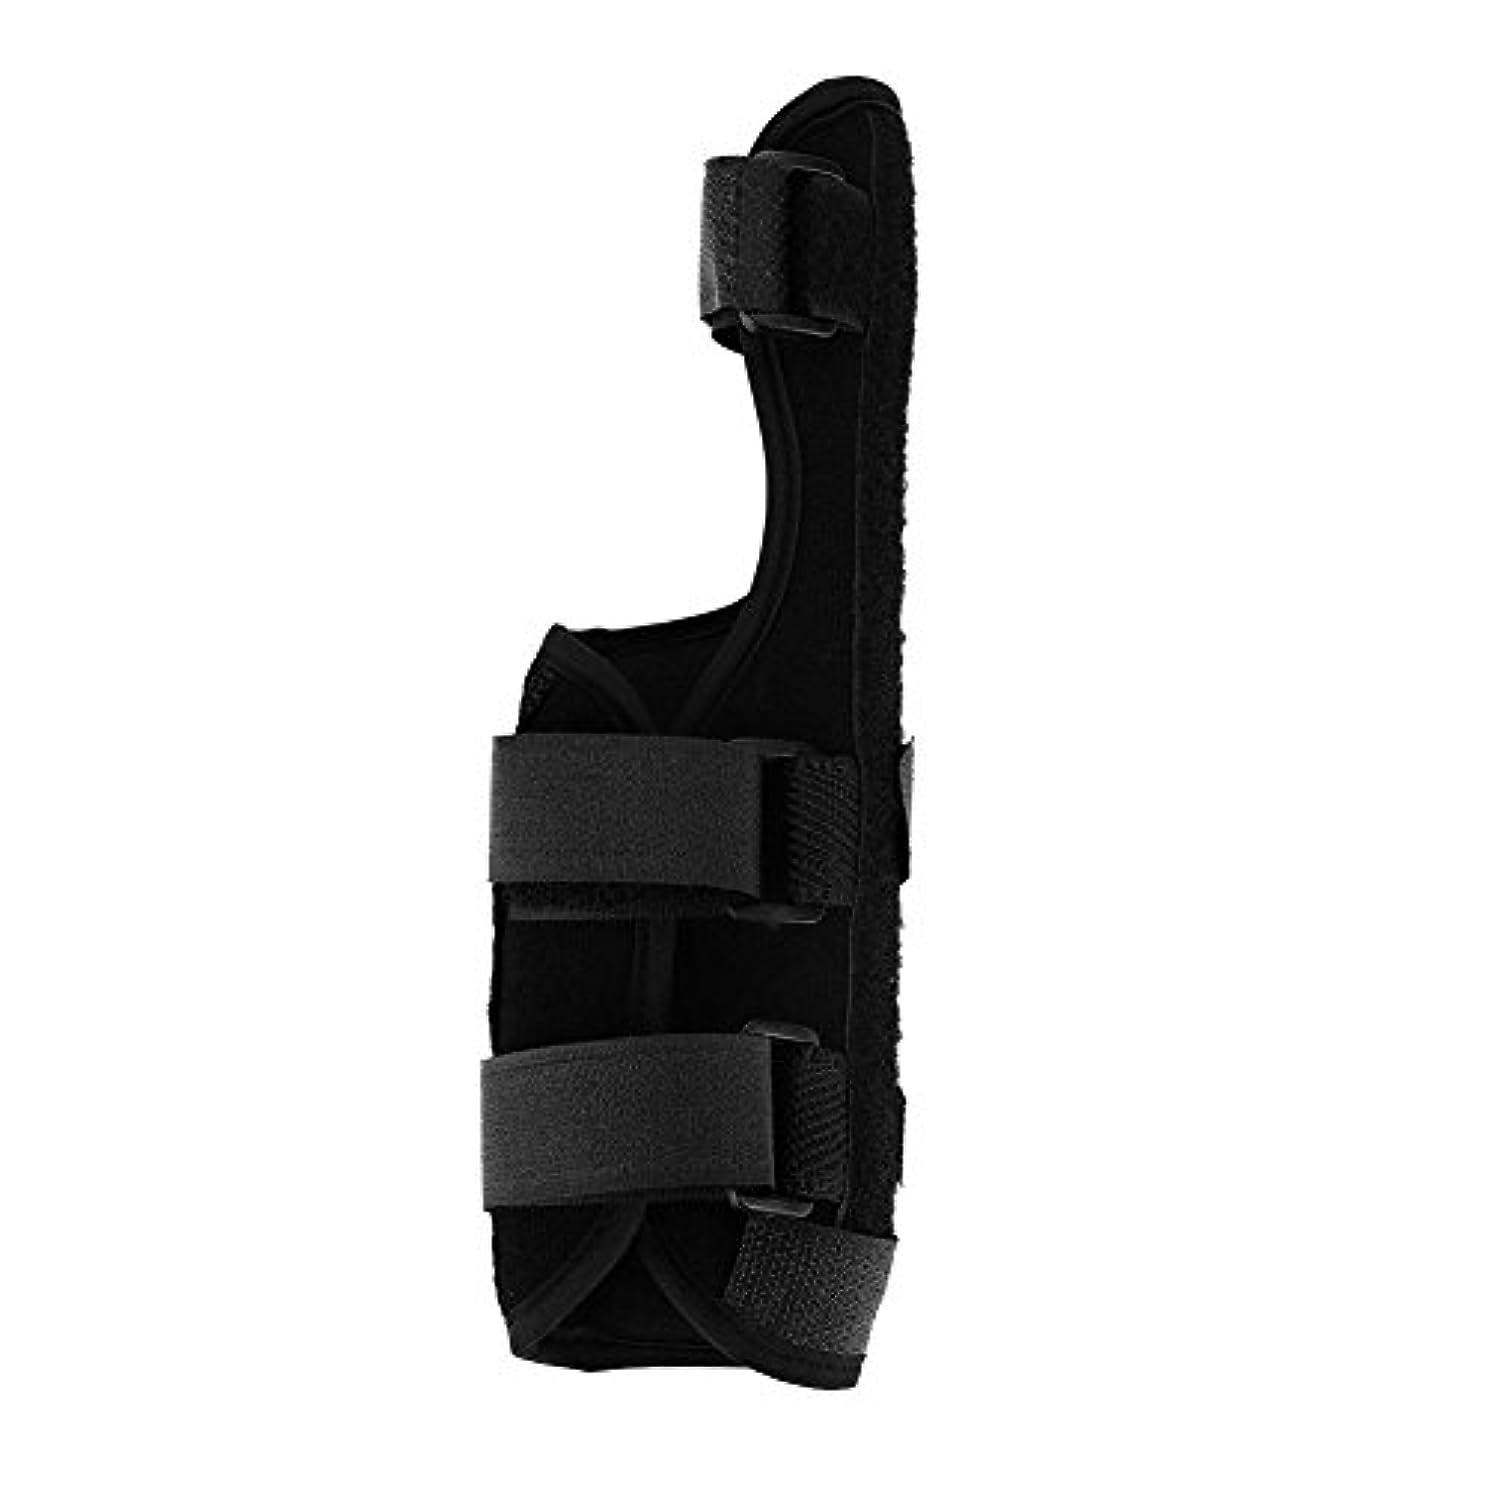 上に二年生頭蓋骨高度な手首ブレース - 手根管手首副子。手根管症候群、手首の痛み、捻挫、RSI、関節炎の即時鎮痛に最適(IzquierdaM)